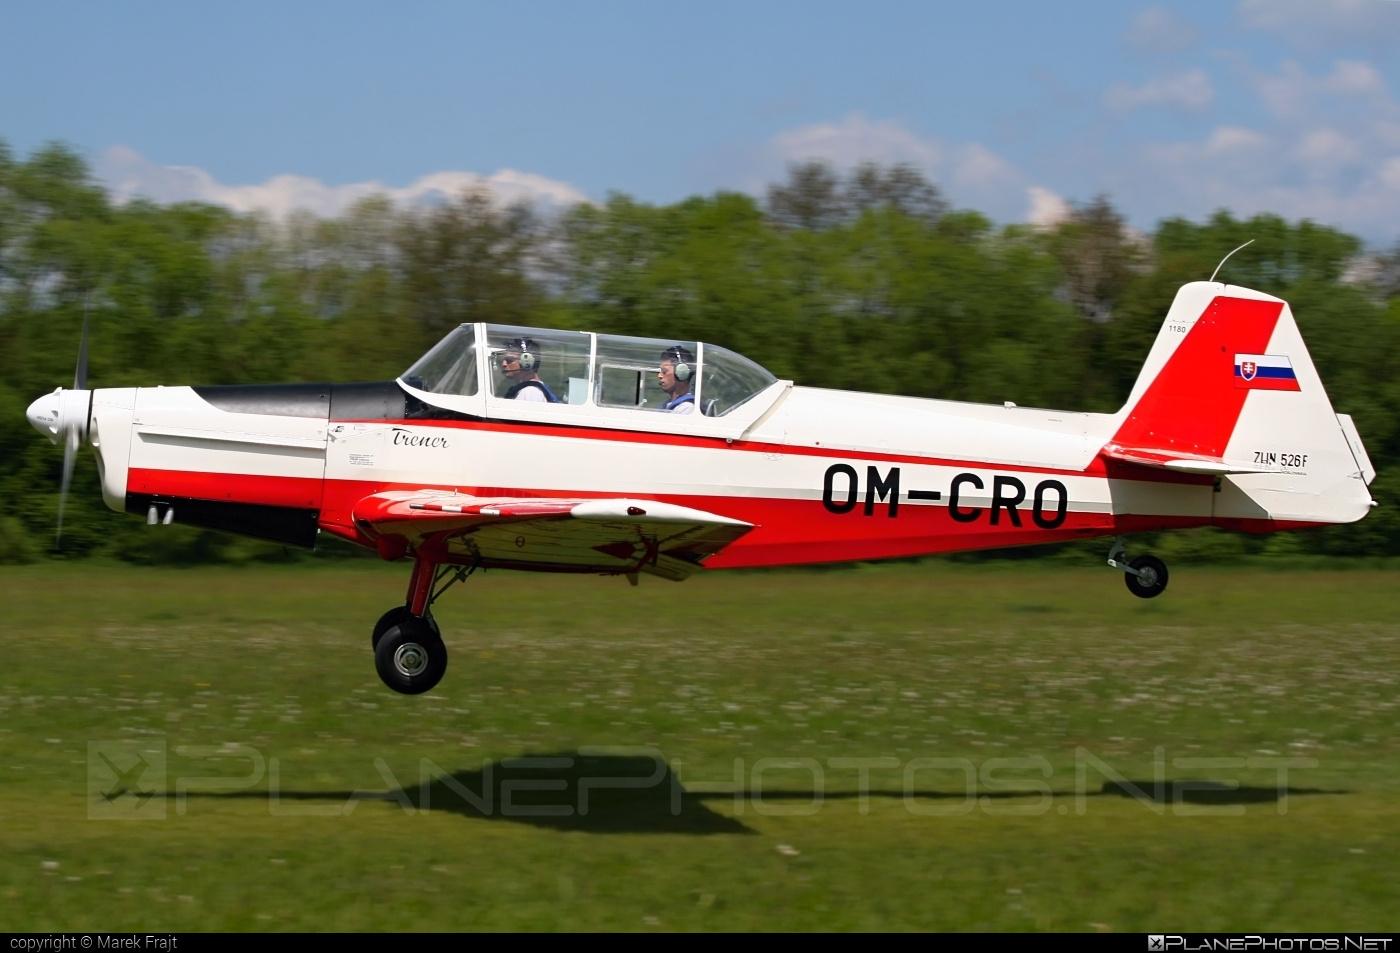 Zlin Z-526F Trenér Master - OM-CRO operated by Slovenský národný aeroklub (Slovak National Aeroclub) #trenermaster #z526 #z526trenermaster #zlin #zlin526